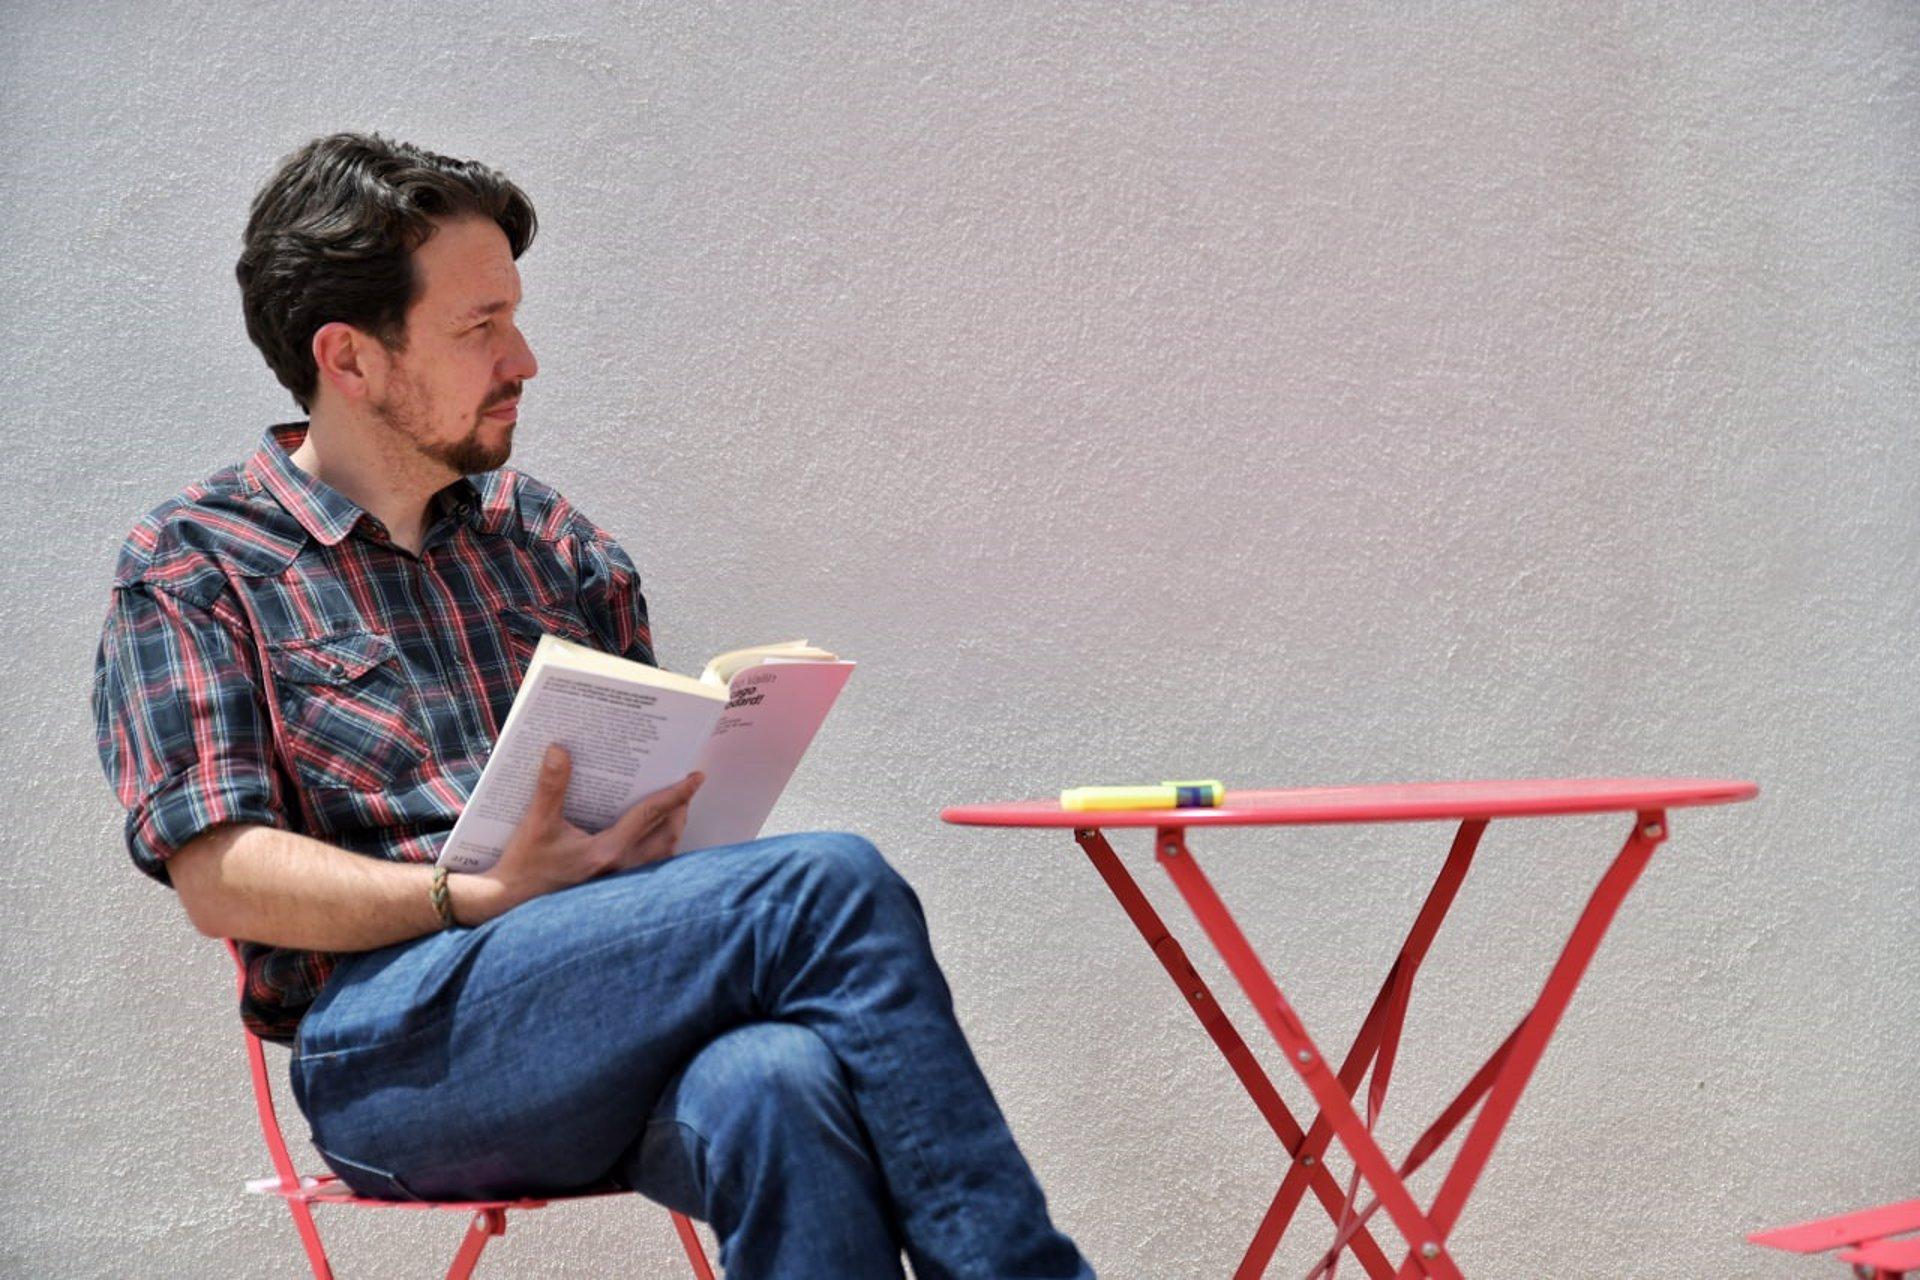 Pablo Iglesias reaparece con un artículo que ha provocado un aluvión de críticas en Twitter. Foto EFE/Dani Gago